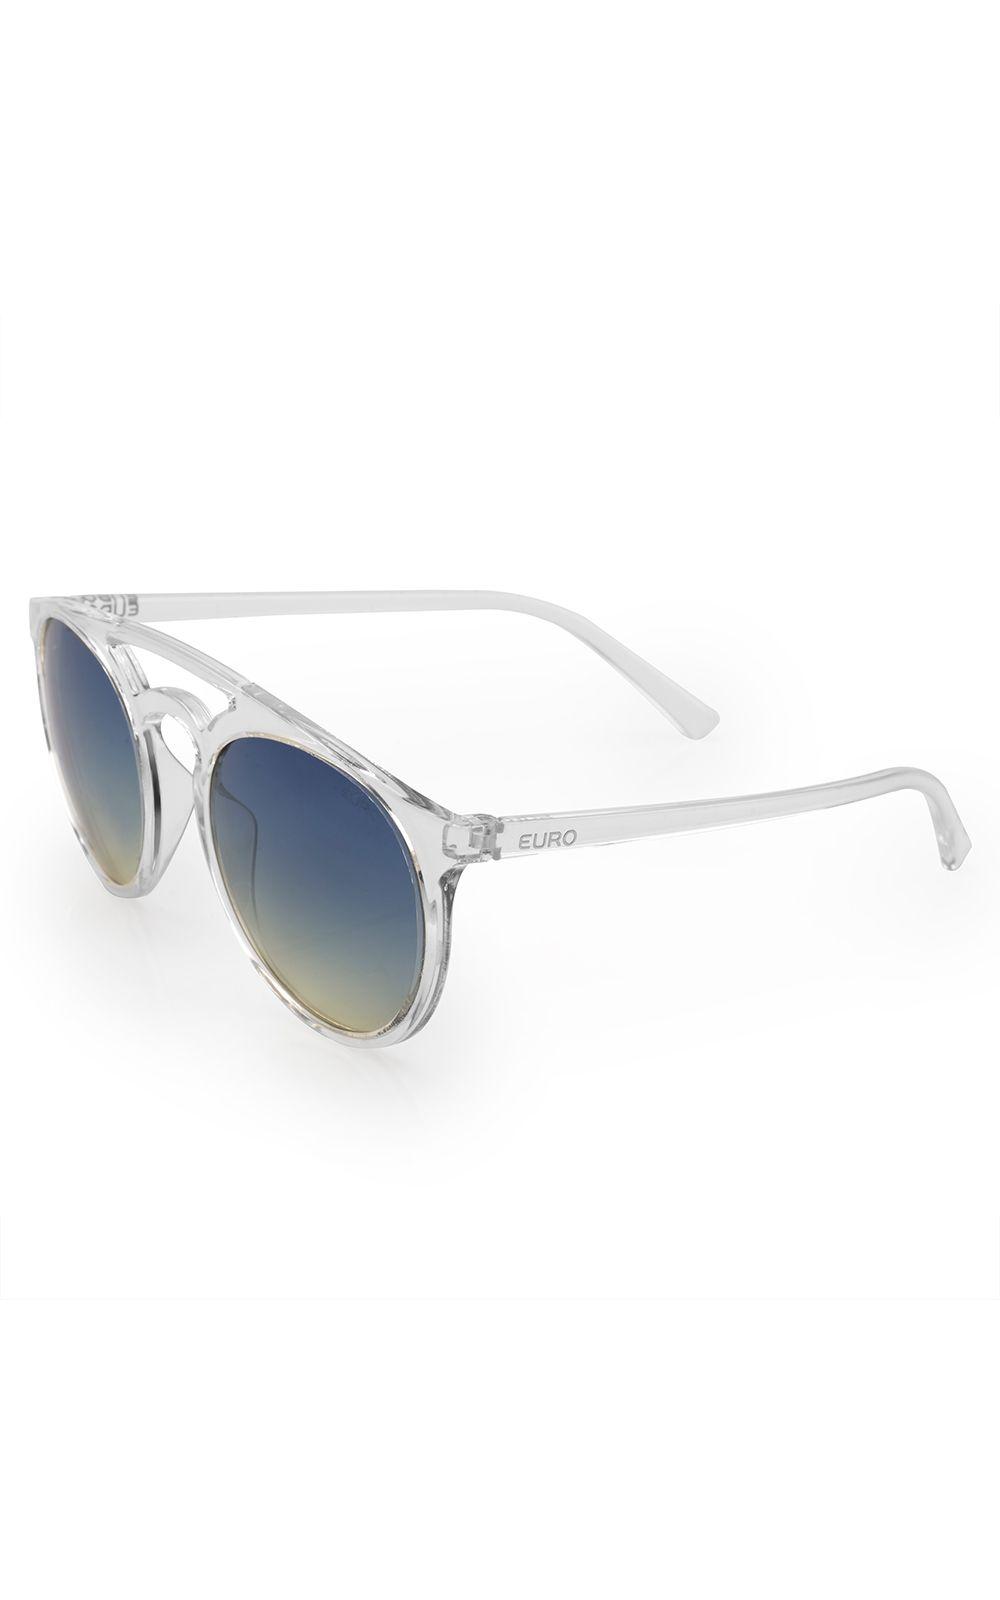 3b3a814b23c03 Óculos de sol Euro feminino Trendy transparente E0006DB317 8A   Opte+